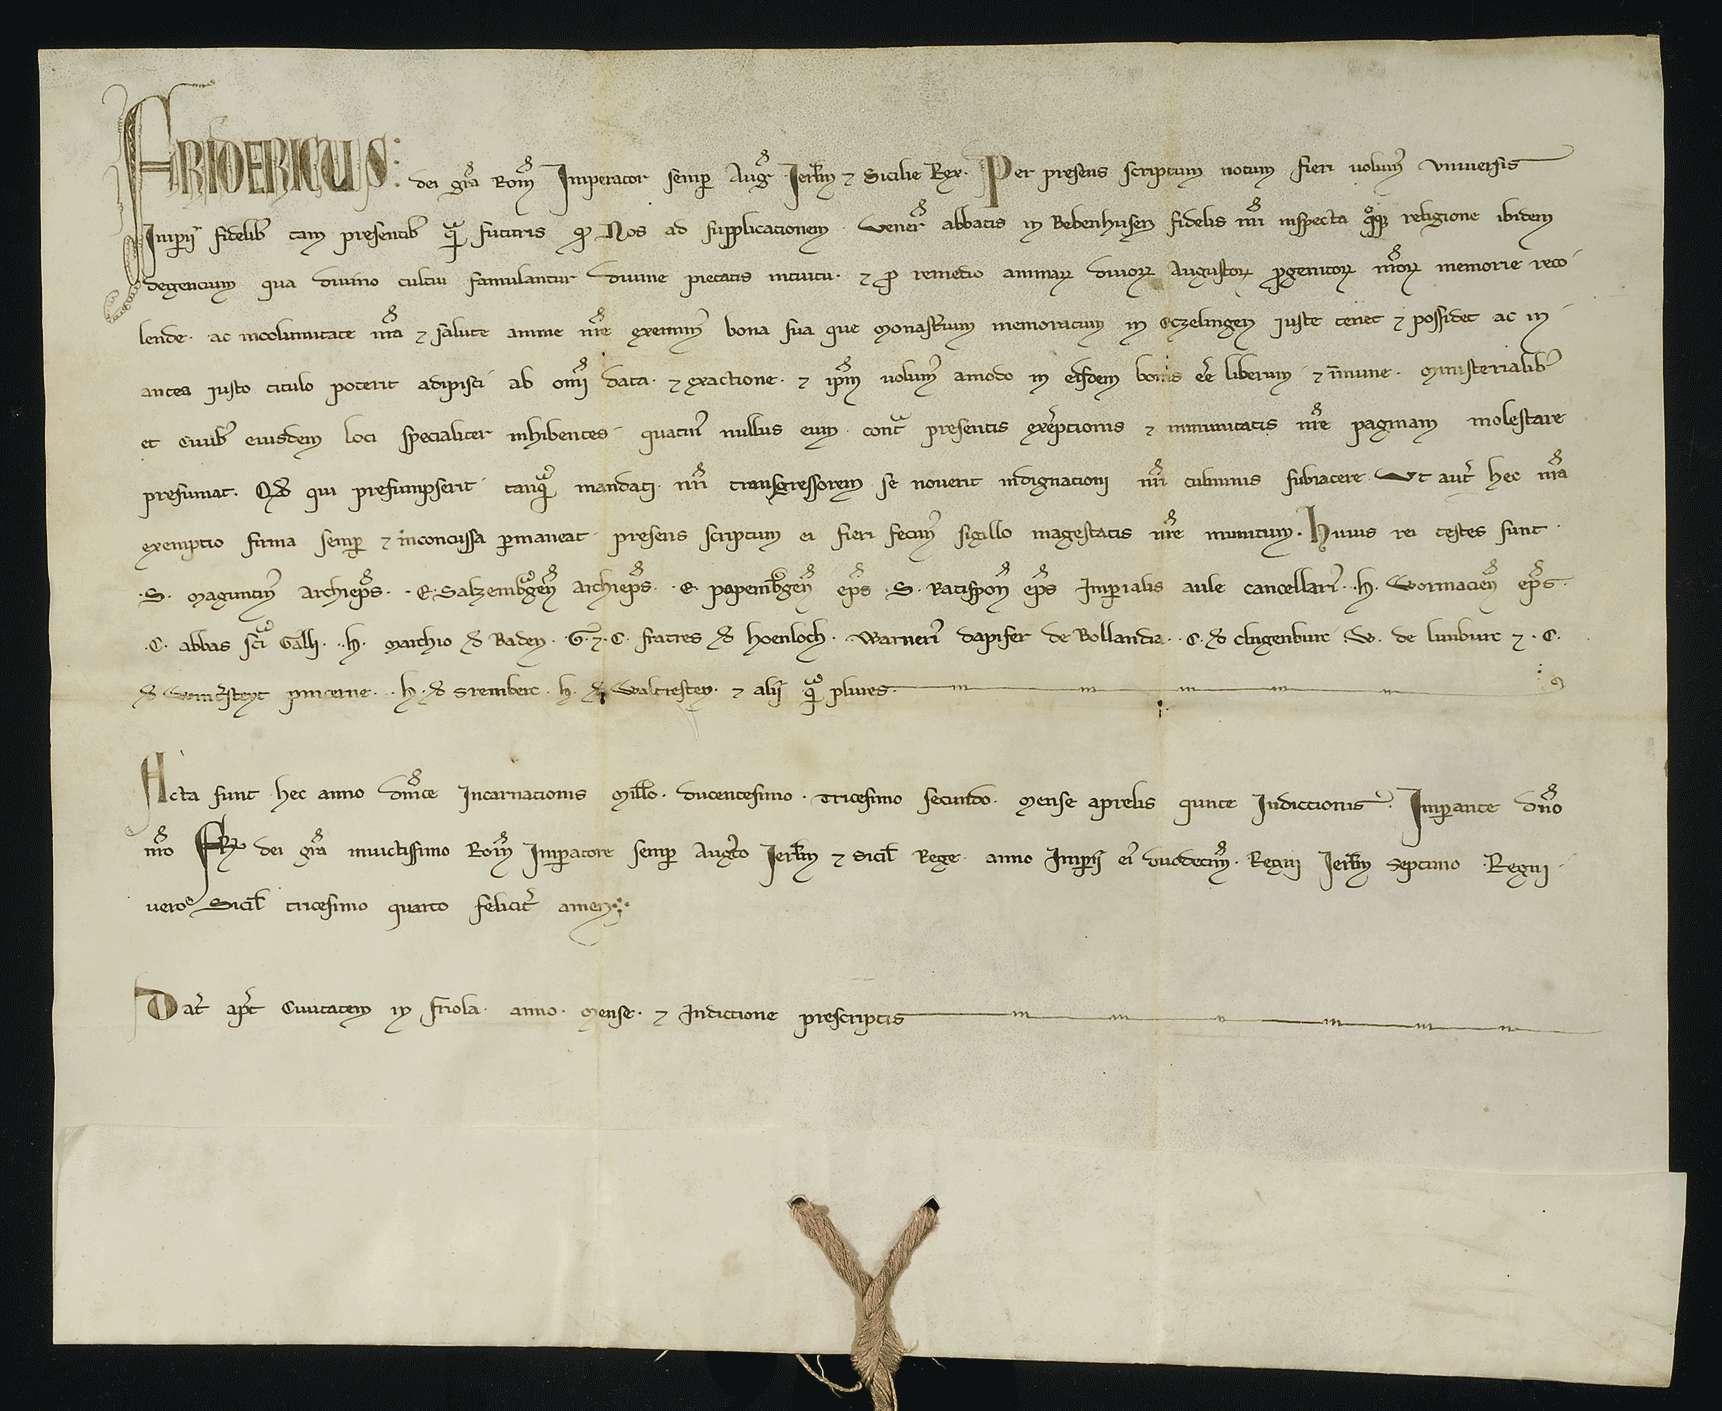 Kaiser Friedrich II. befreit die jetzt und künftig dem Kloster Bebenhausen in Esslingen gehörigen Güter von allen Abgaben und verbietet seinen Dienstleuten und den dortigen Bürgern, solche von ihnen zu fordern., Bild 1